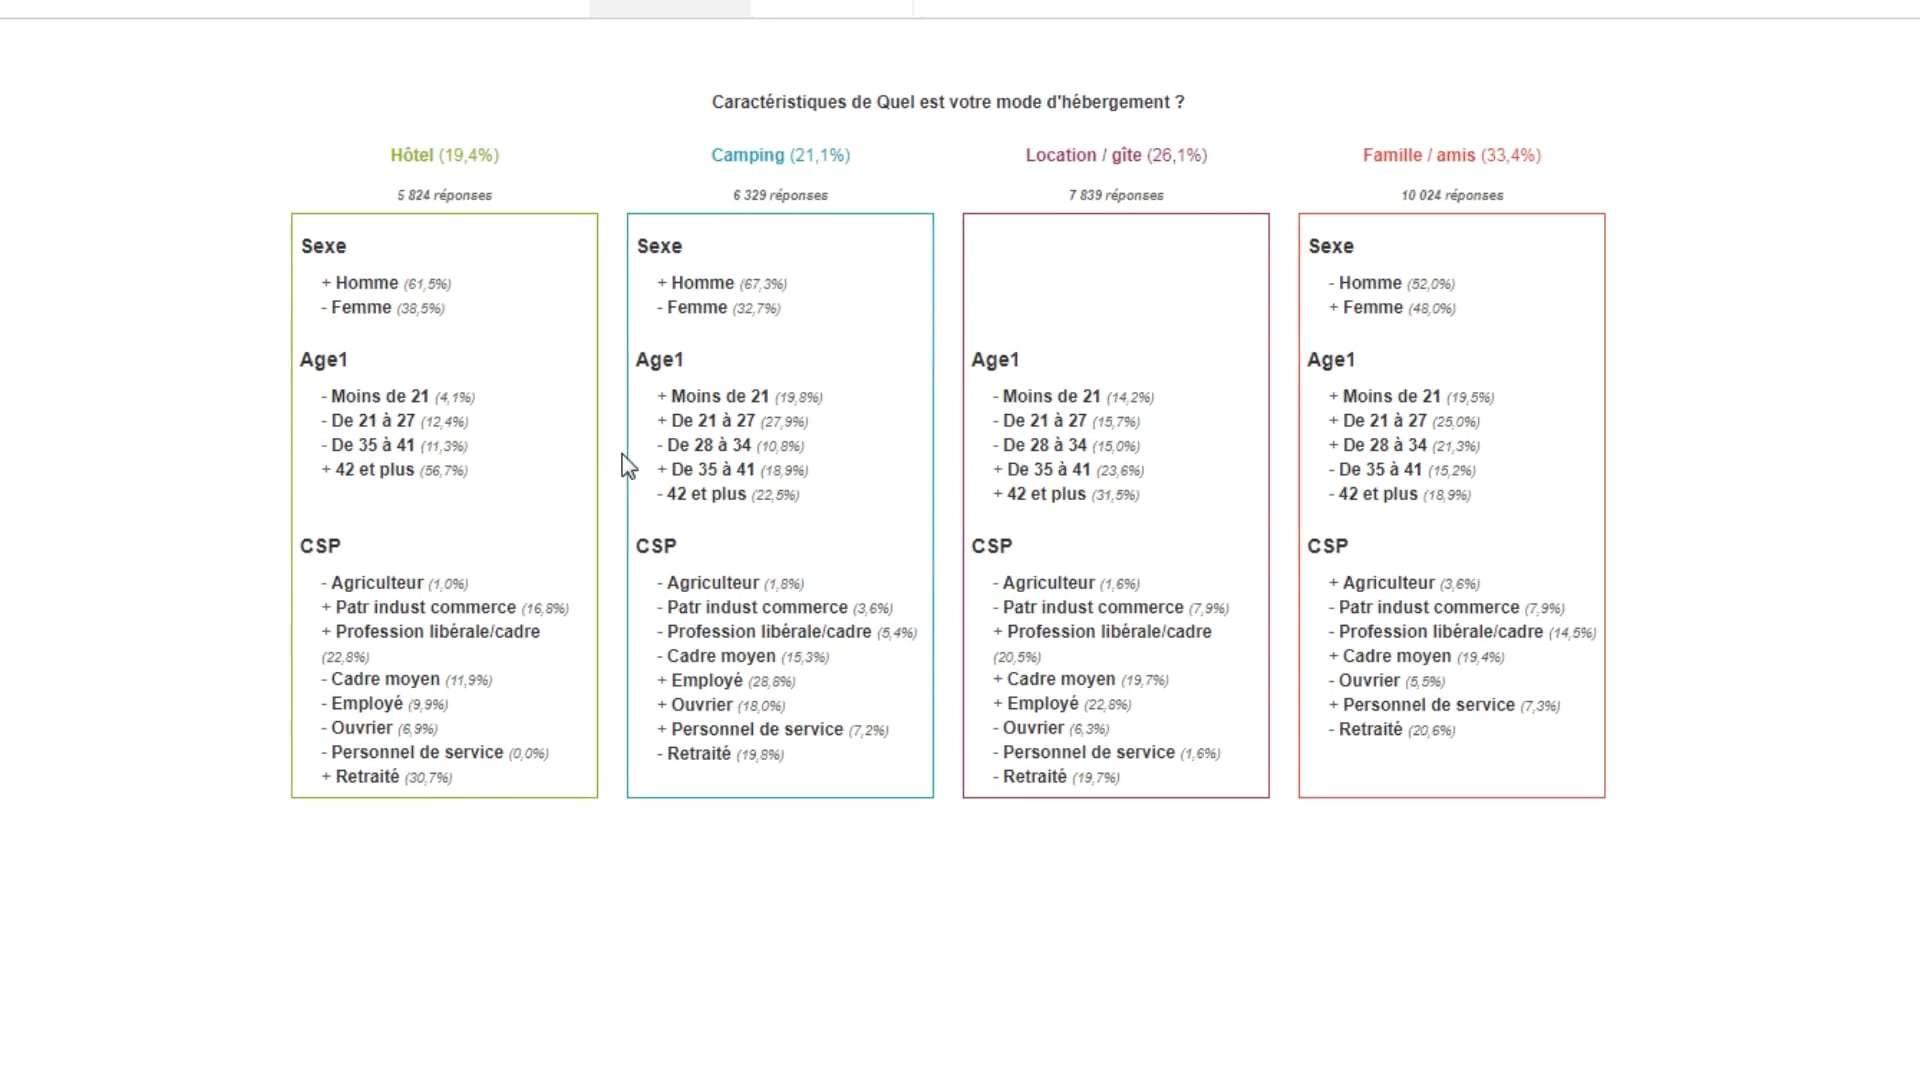 Tableau de caractéristiques